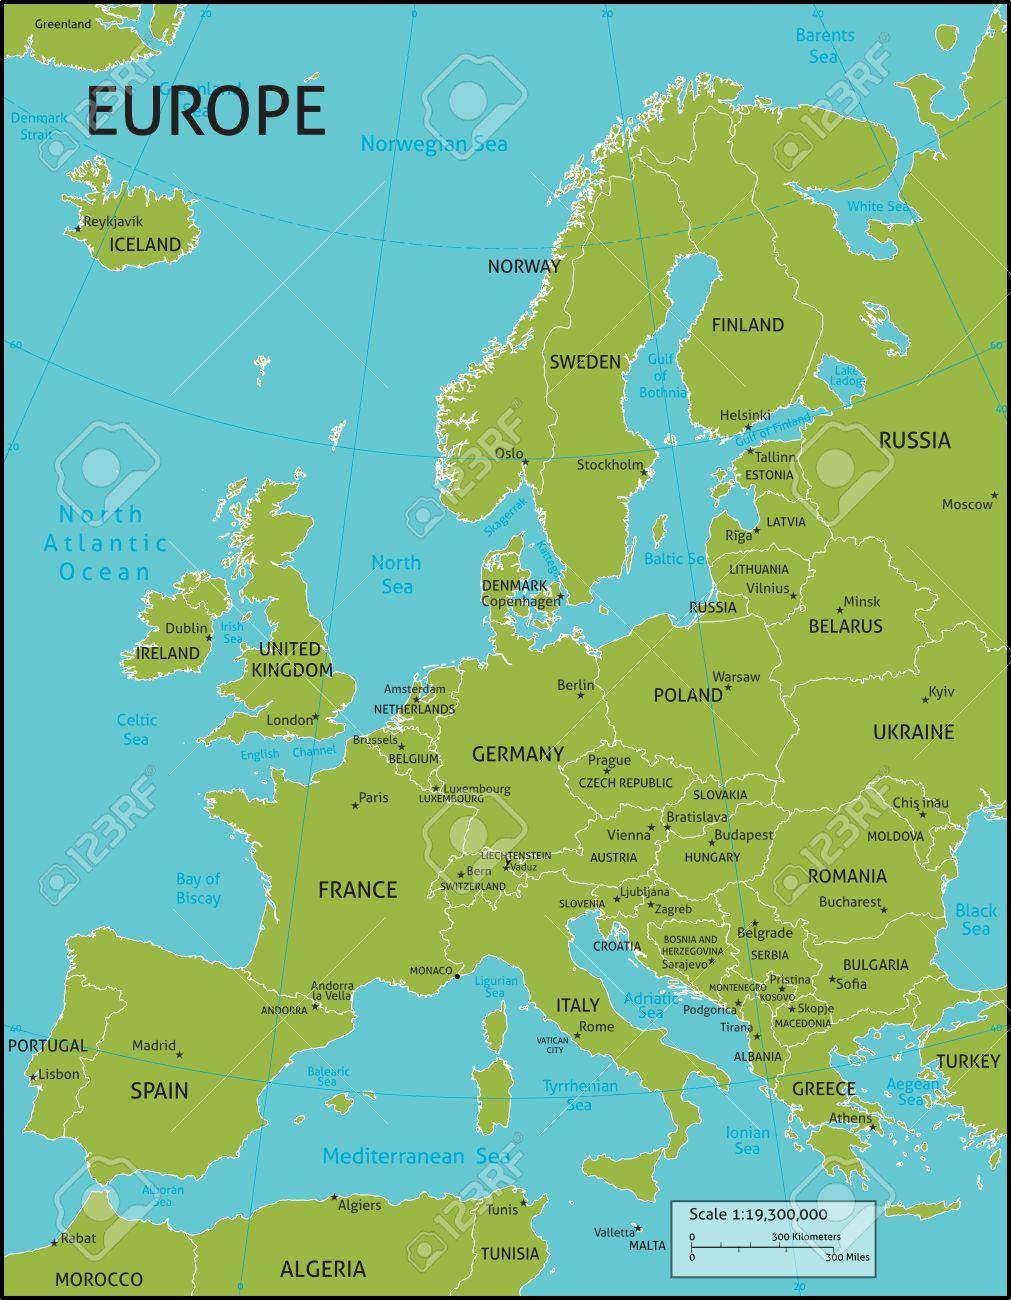 Une Carte De L'europe Avec Tous Les Noms De Pays, Et Les Capitales De Pays.  Organisé Dans La Version De Vecteur Dans Facile D'utiliser Des Couches. destiné Carte Europe Avec Capitales